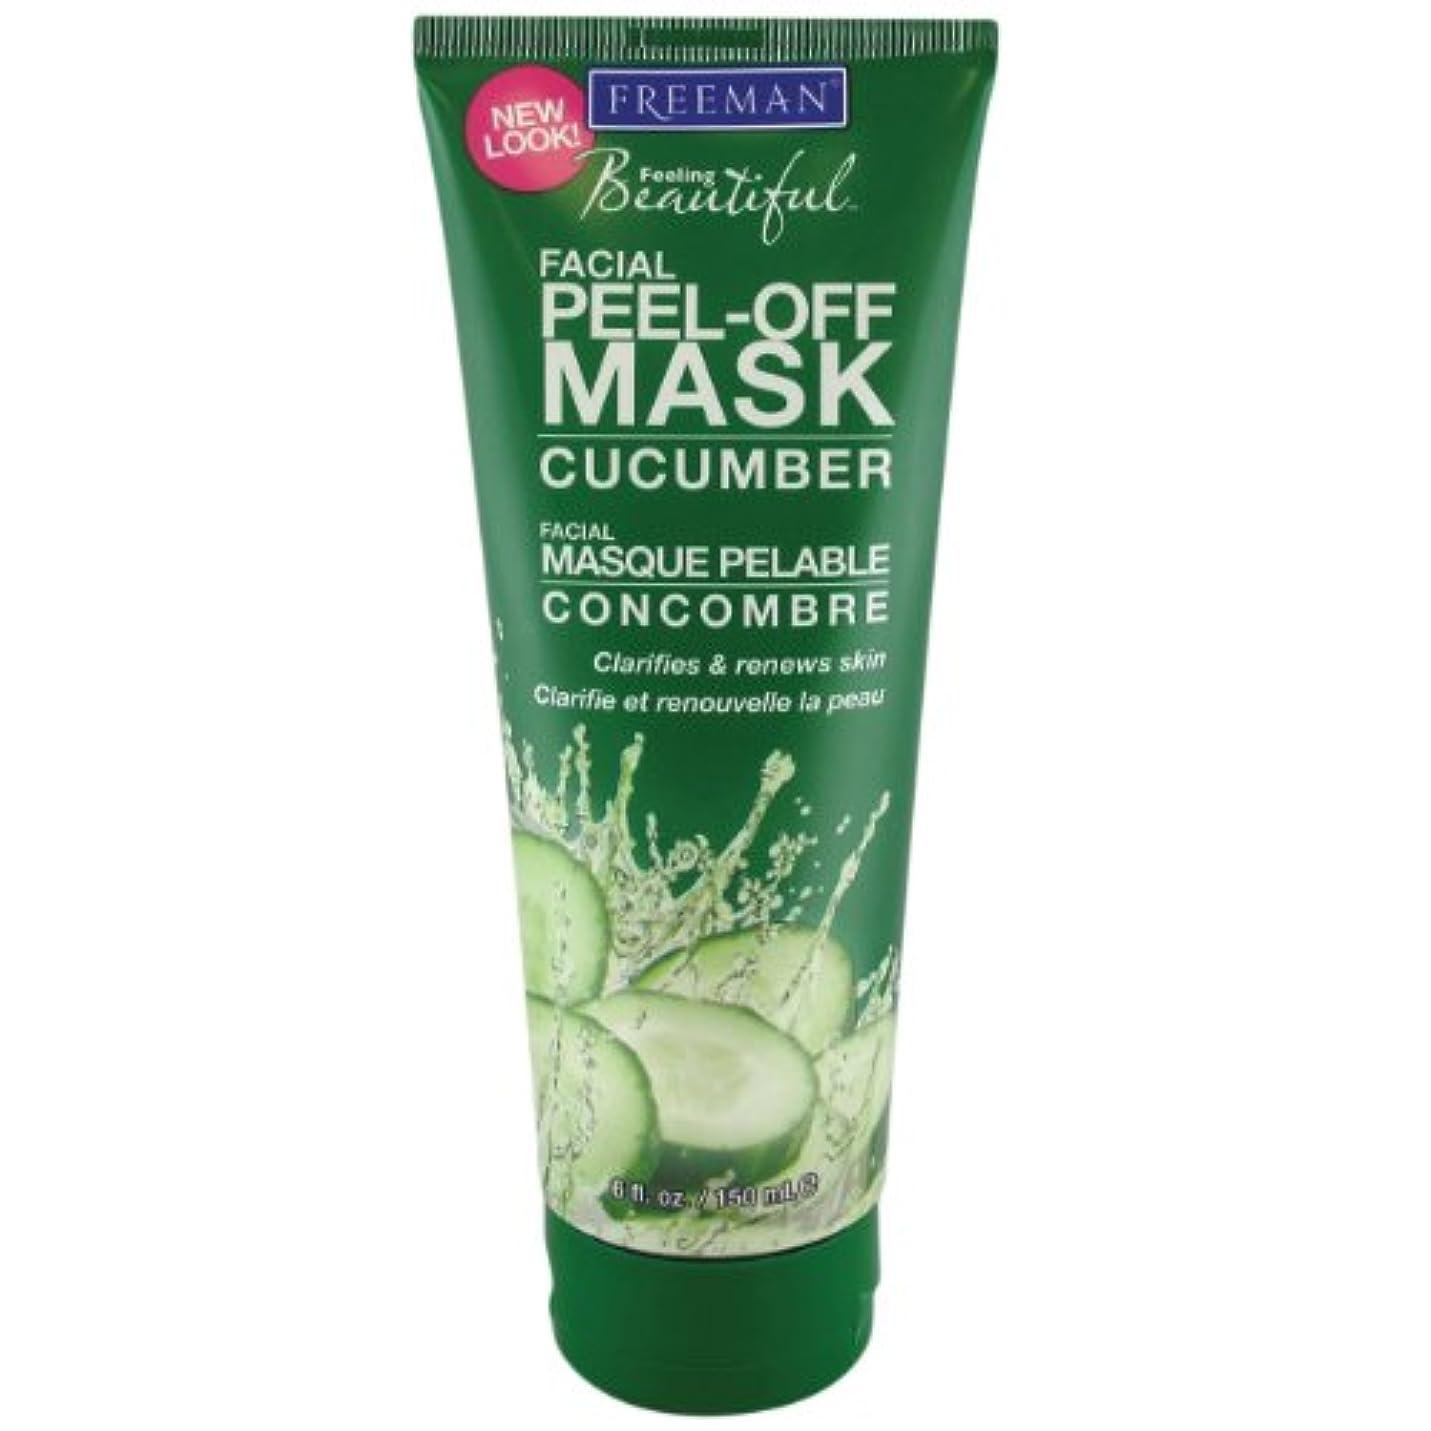 辞書粗いとまり木Freeman Facial Peel-Off Mask Cucumber 150 ml (並行輸入品)